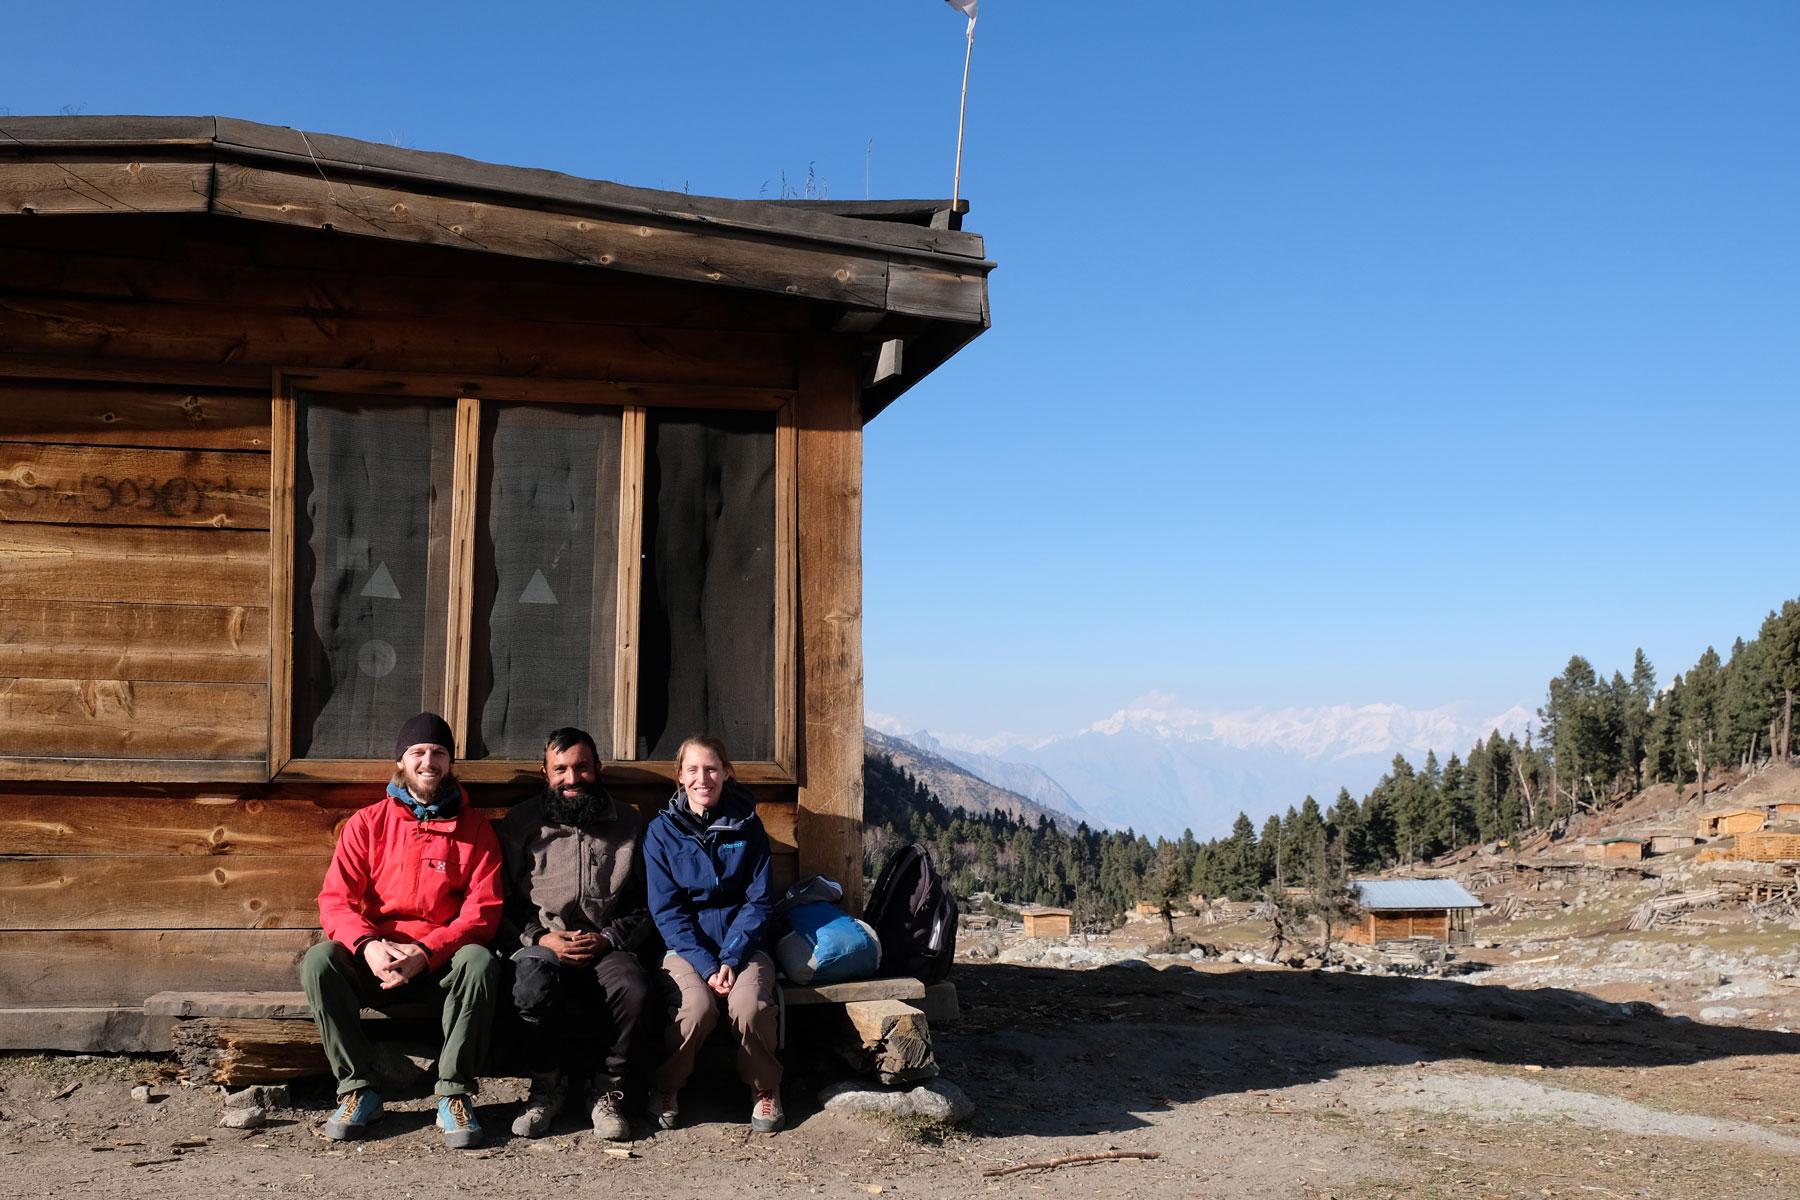 Sebastian und Leo sitzen mit einem pakistansichen Mann vor einer Holzhütte.